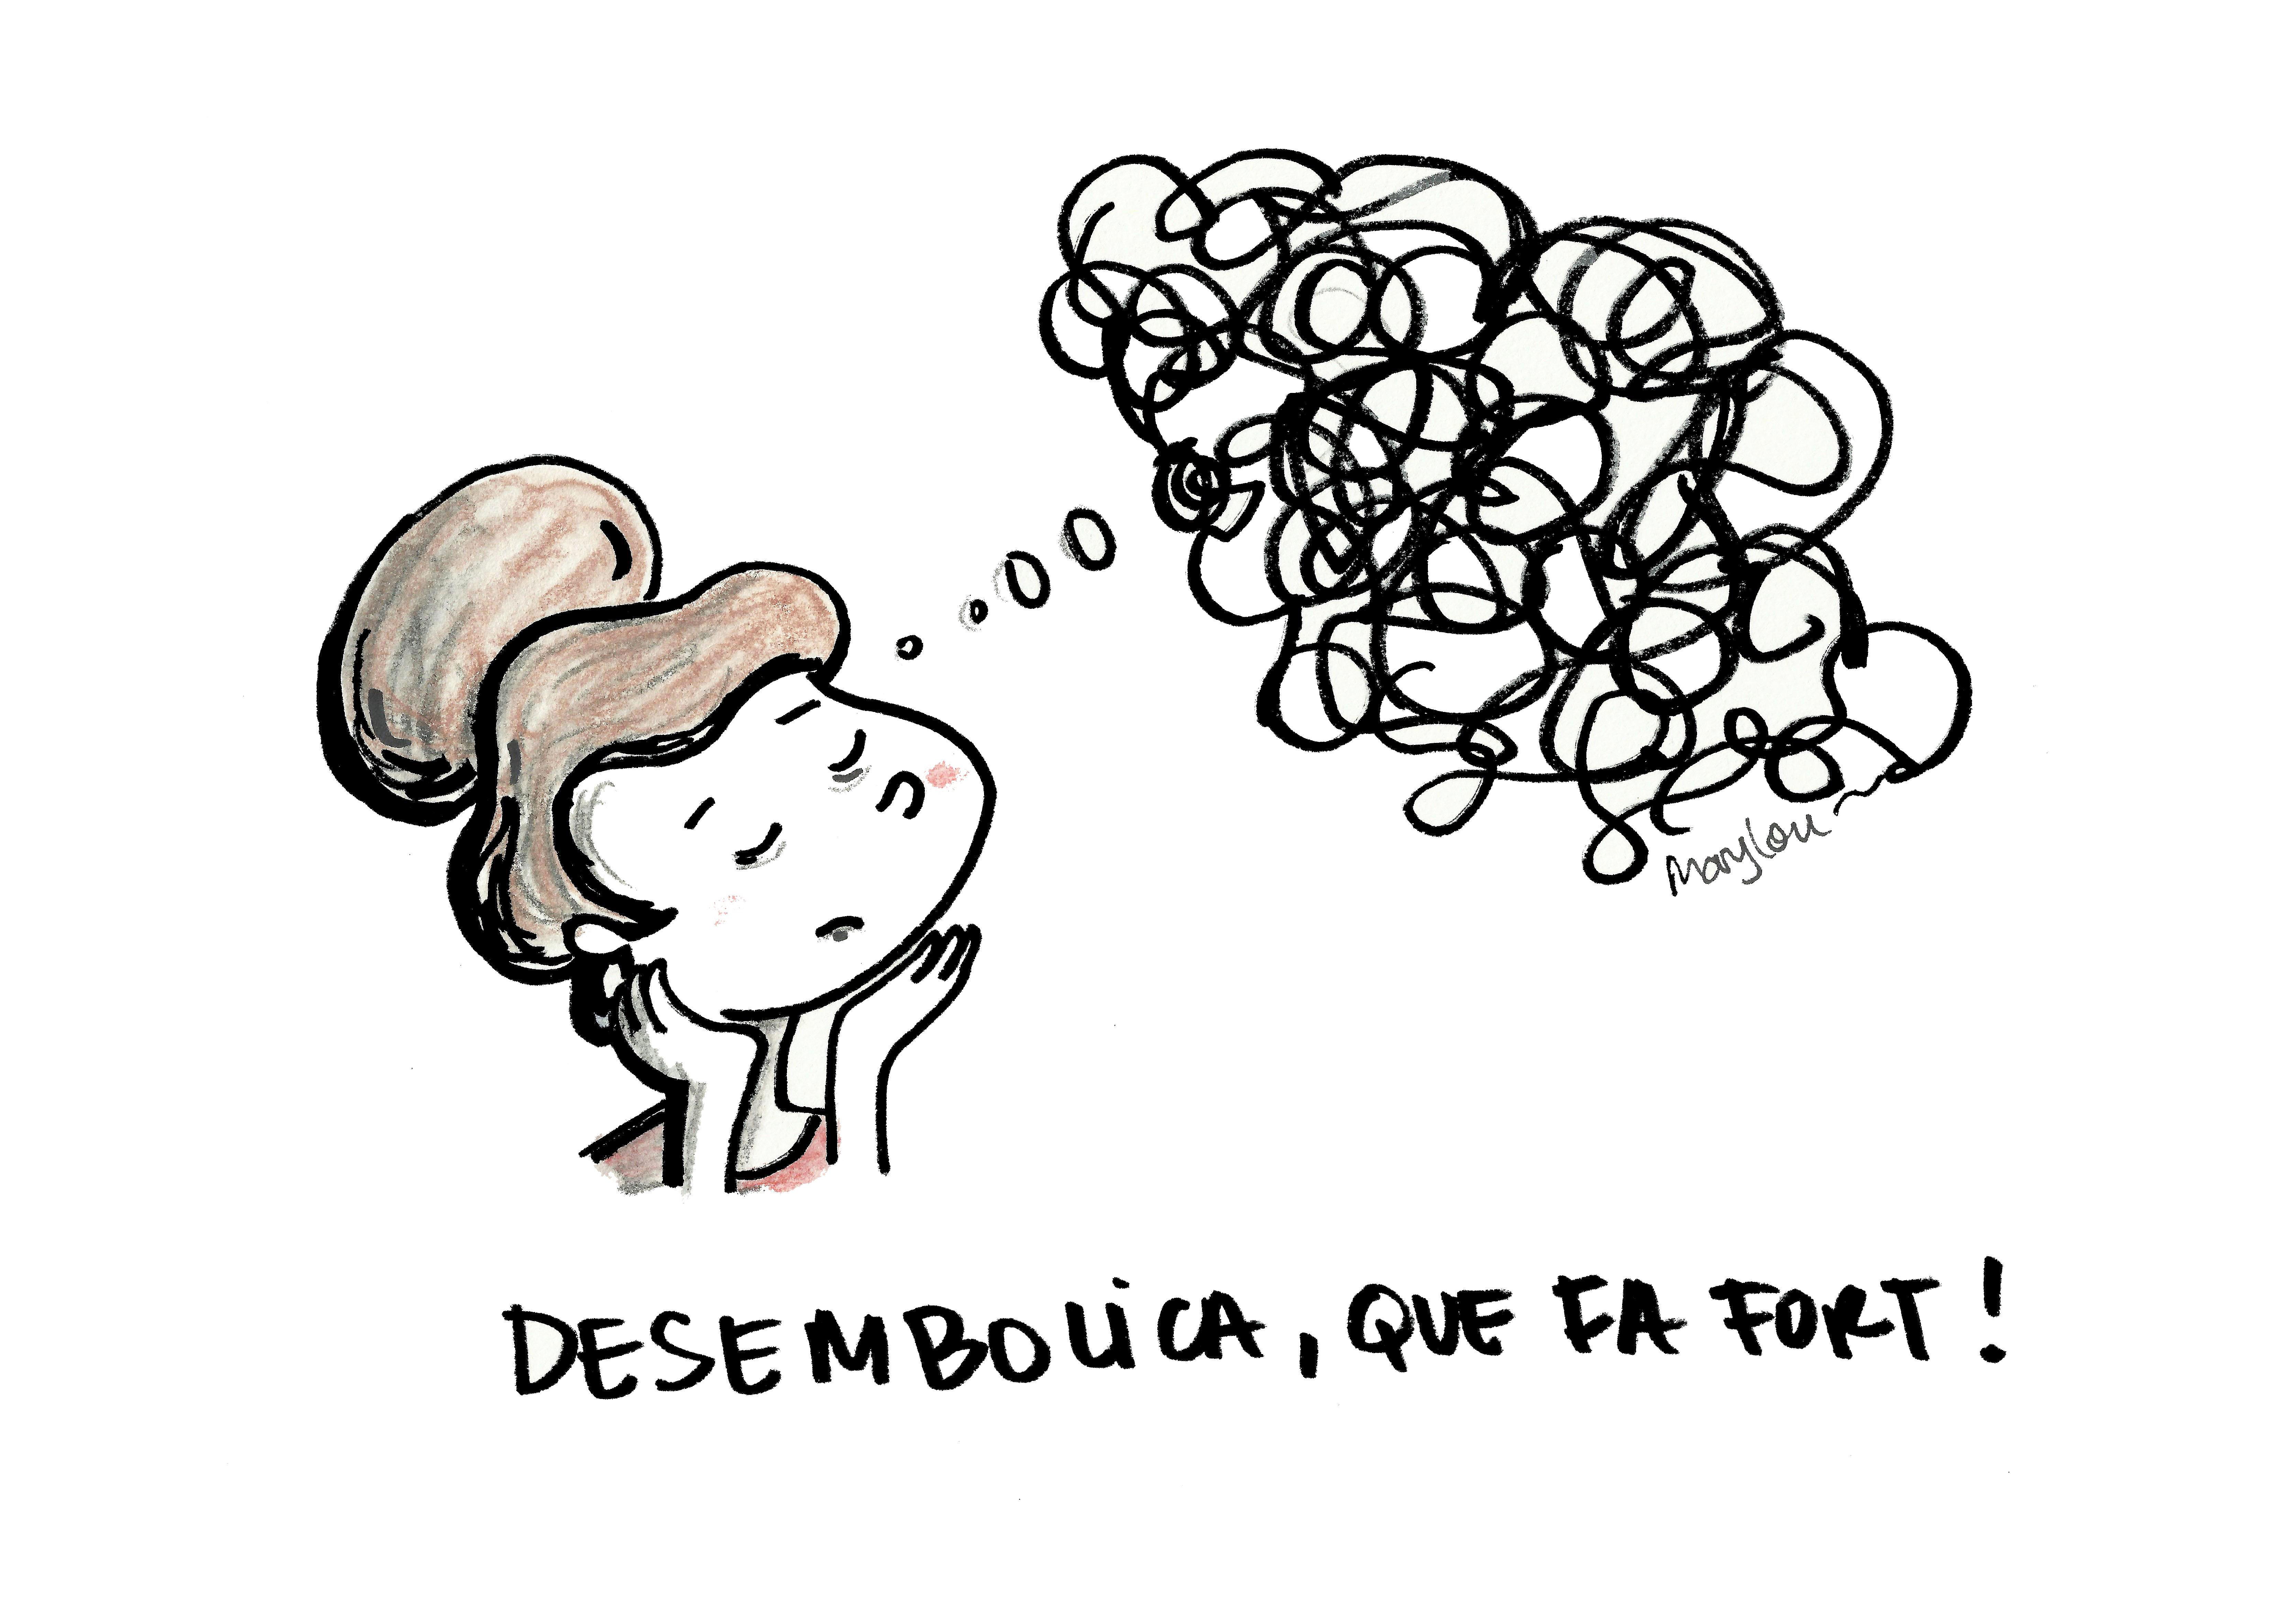 Una noia pensant en tot de fils embolicats